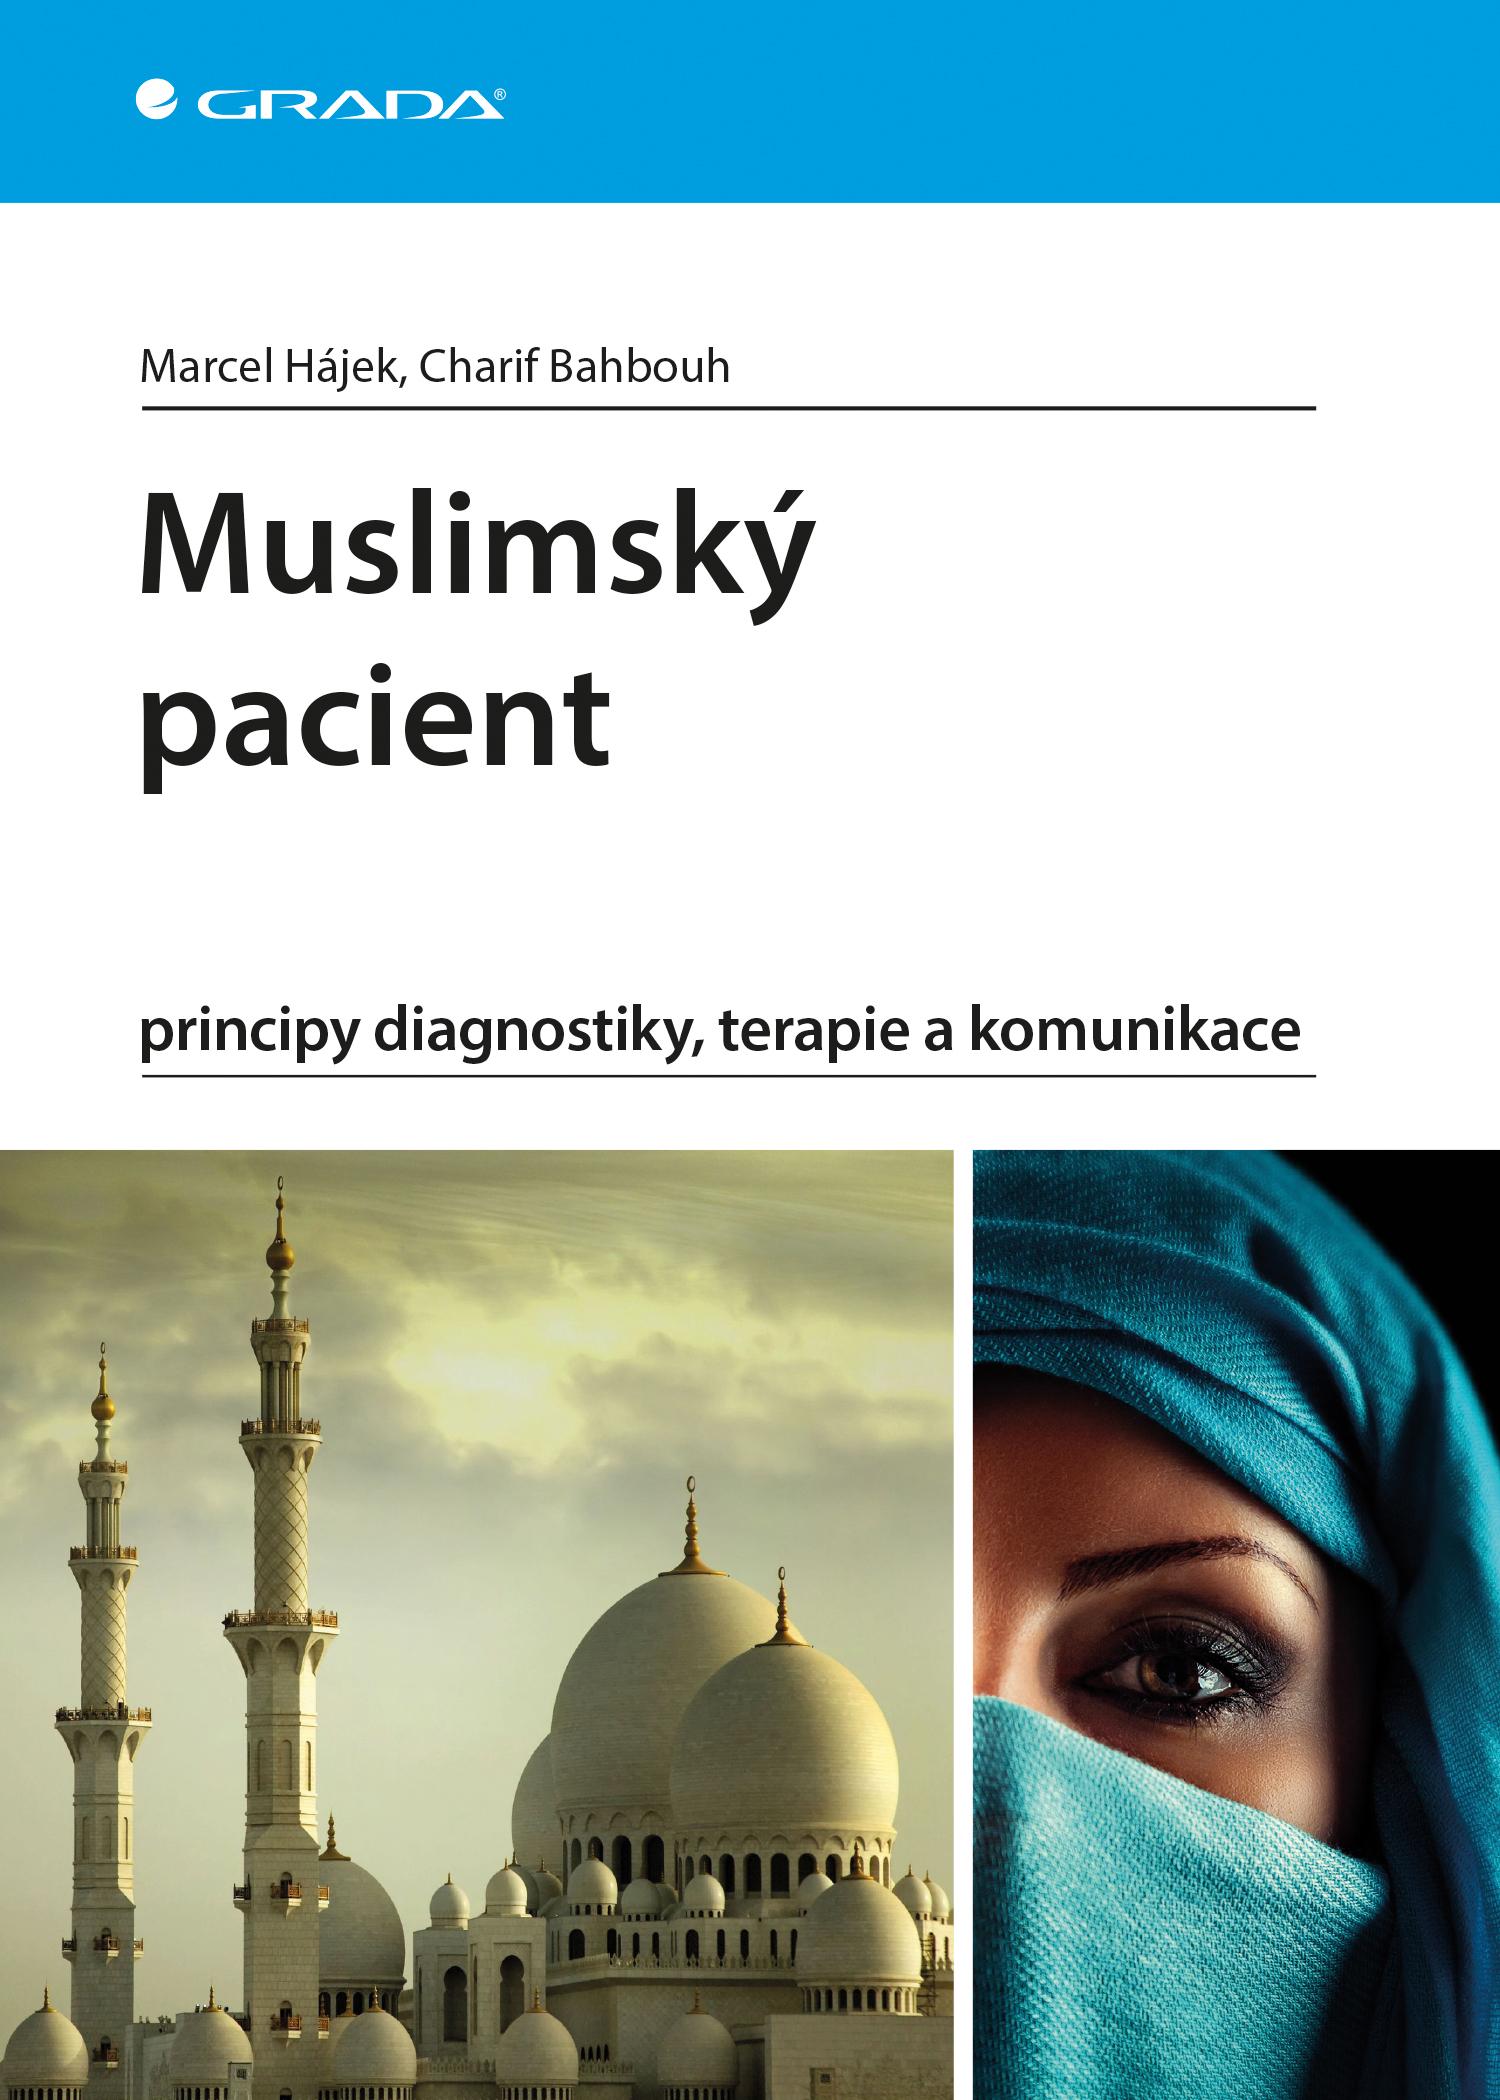 Muslimský pacient, principy diagnostiky, terapie a komunikace